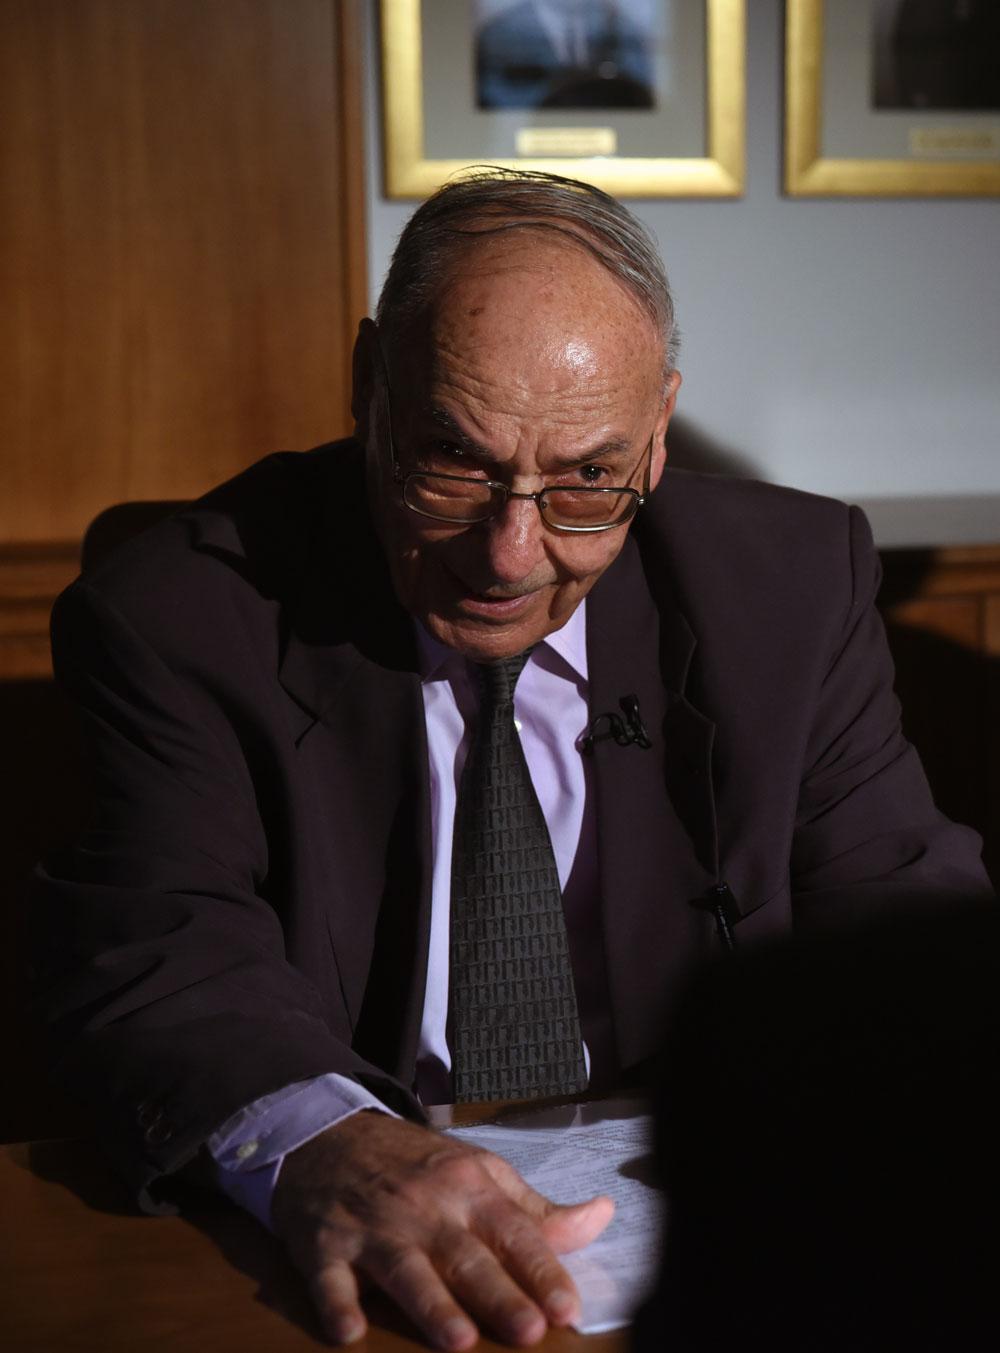 Ο καθηγητής δρ. Βλάσιος Φειδάς (photo:orthodoxia.info/Χρήστος Λαρισαίος)